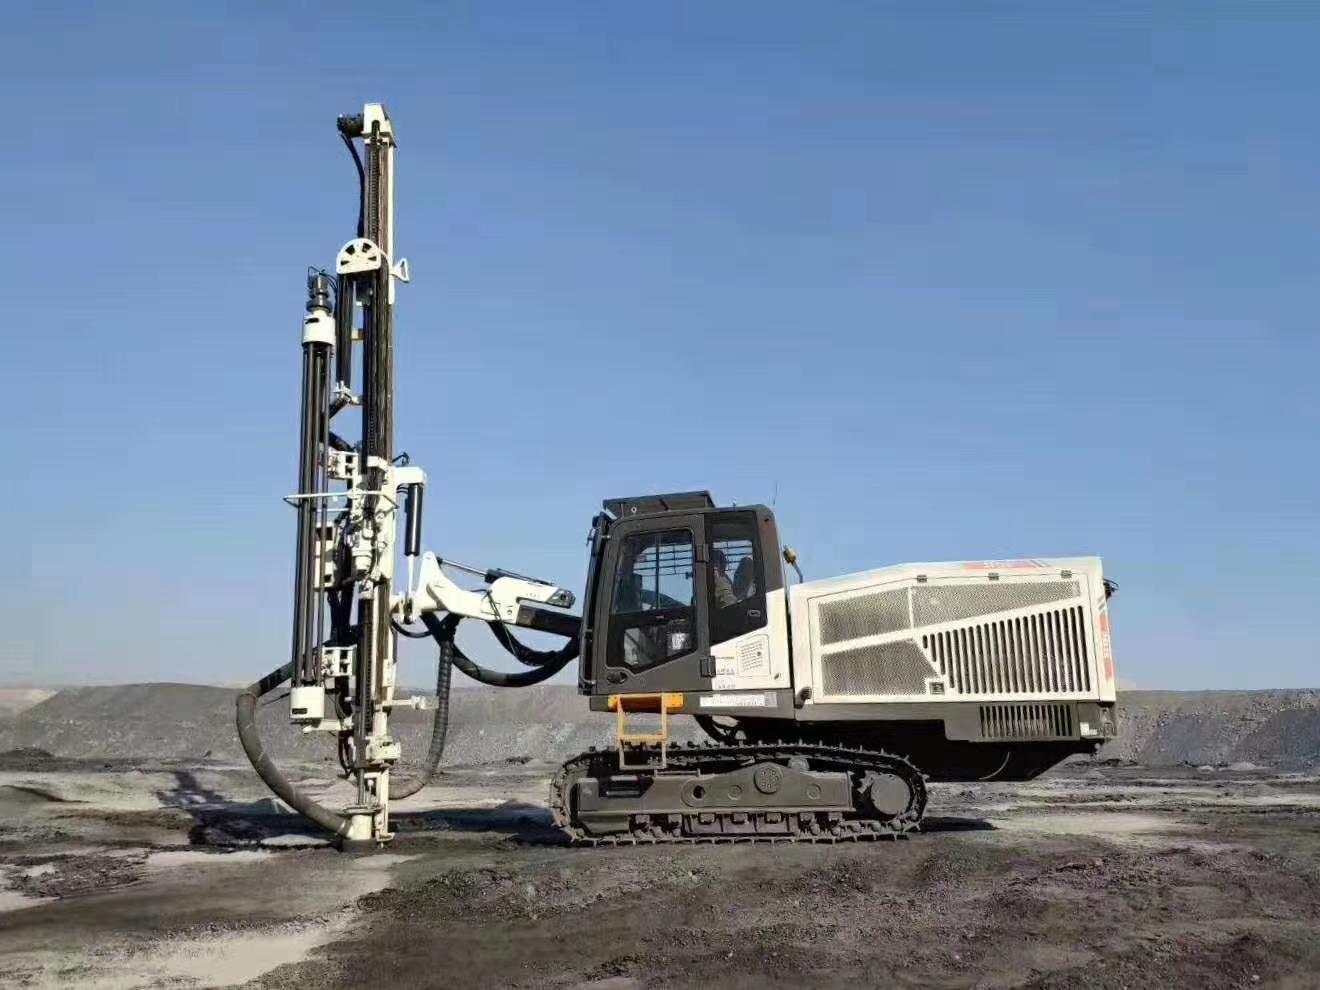 临工顶锤钻车 临工LGMRT ST120顶锤钻机 山特维克凿岩动力头 ST120全液压顶驱式钻机